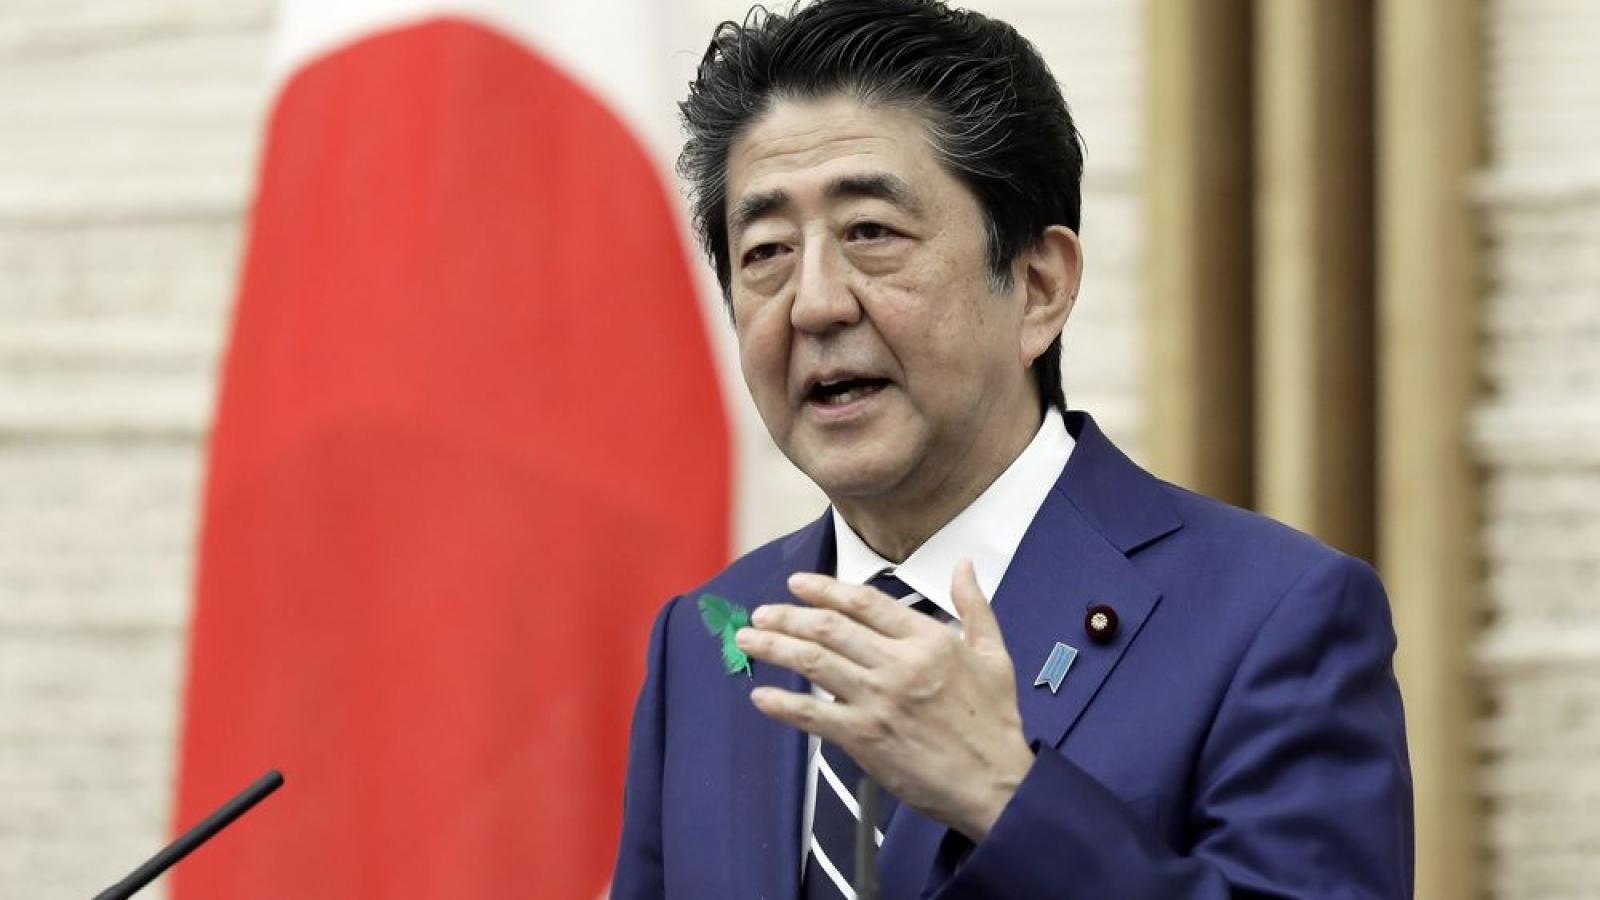 Thủ tướng Nhật Bản Shinzo Abe có ý định từ chức